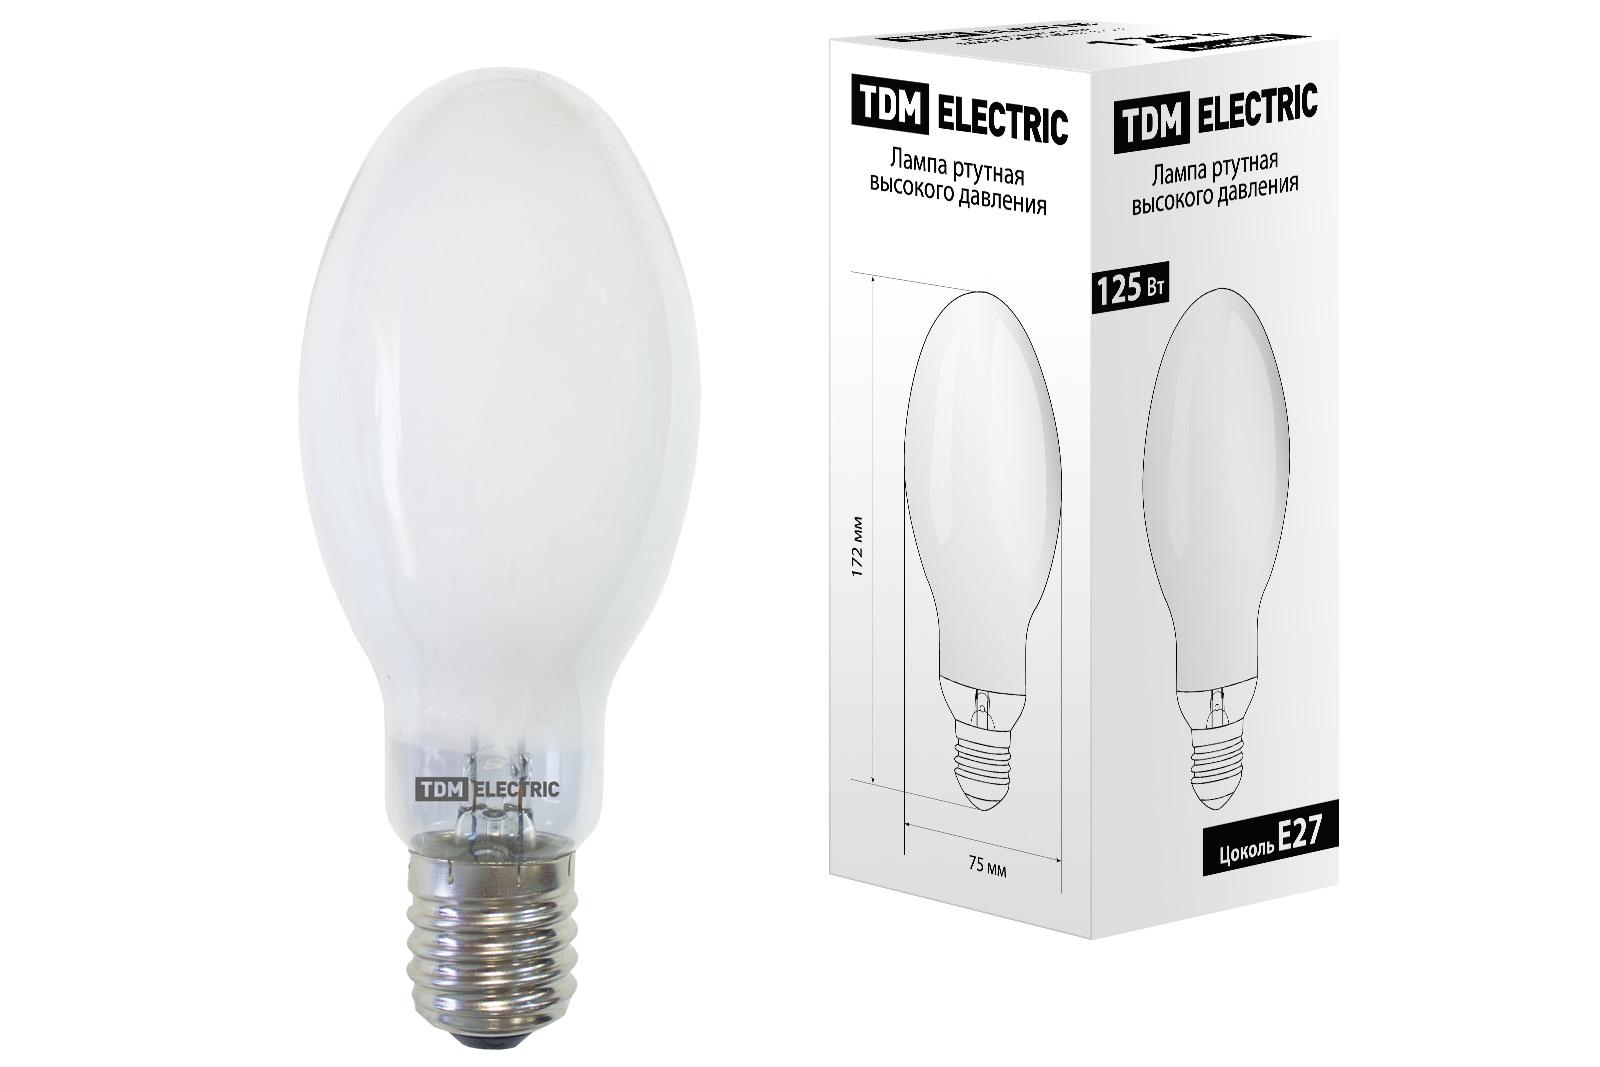 Лампа ртутная высокого давления ДРЛ 125 Вт Е27 TDM SQ0325-0008 TDM Electric